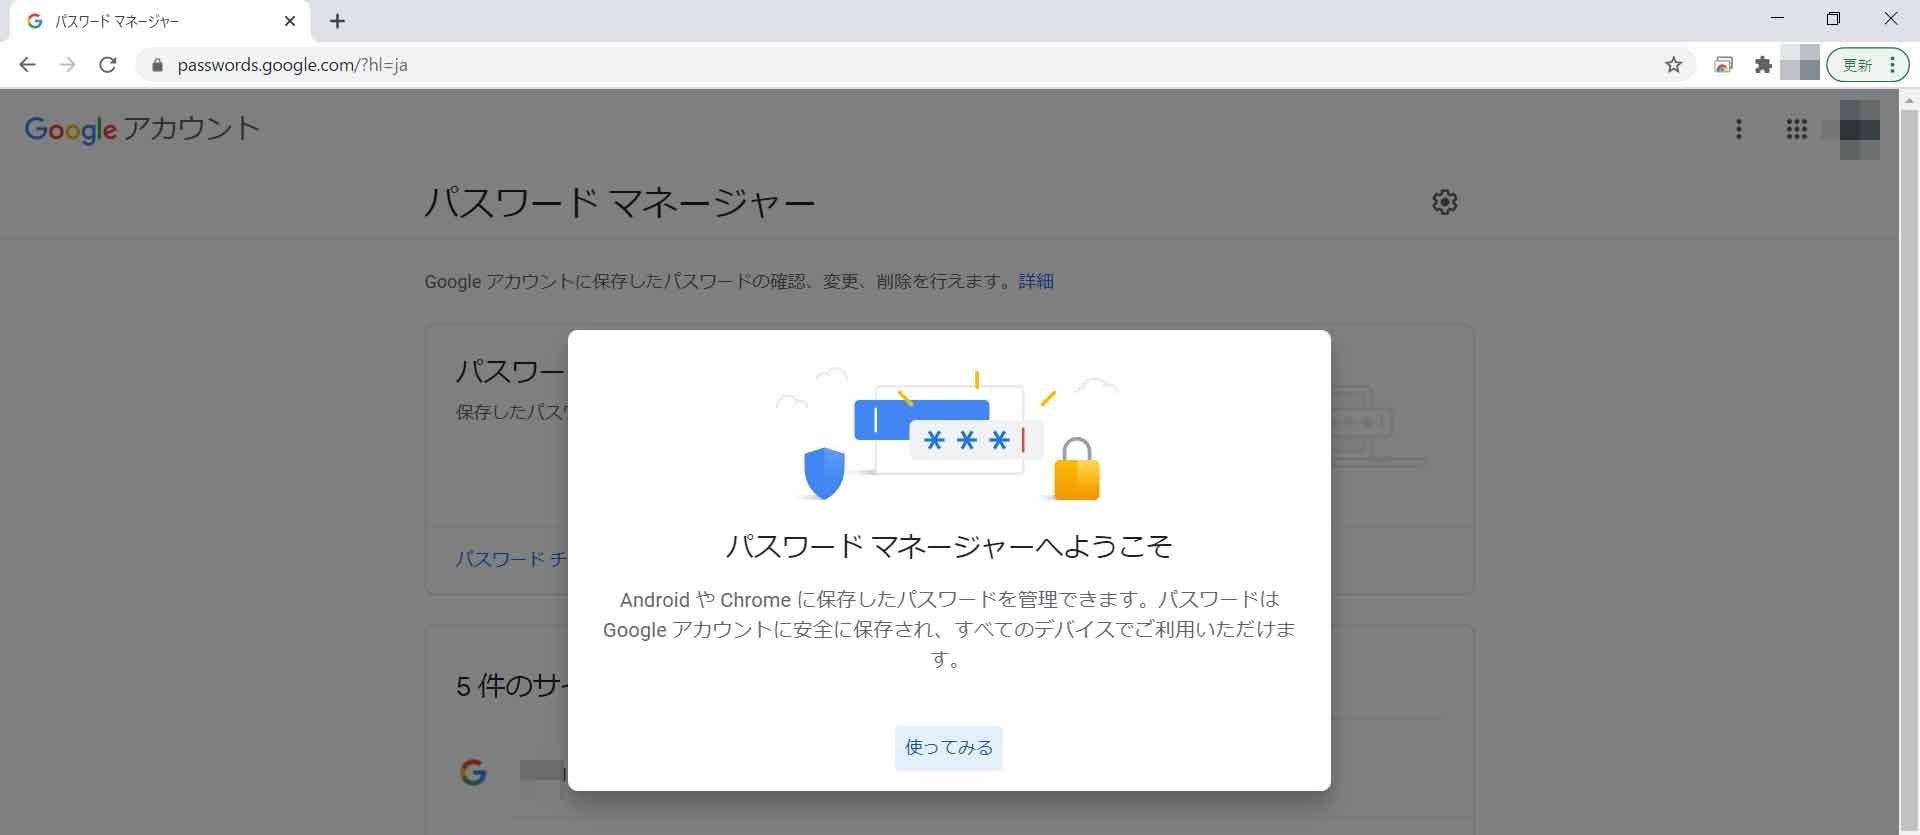 Googleパスワードマネジャー ウェルカム画面